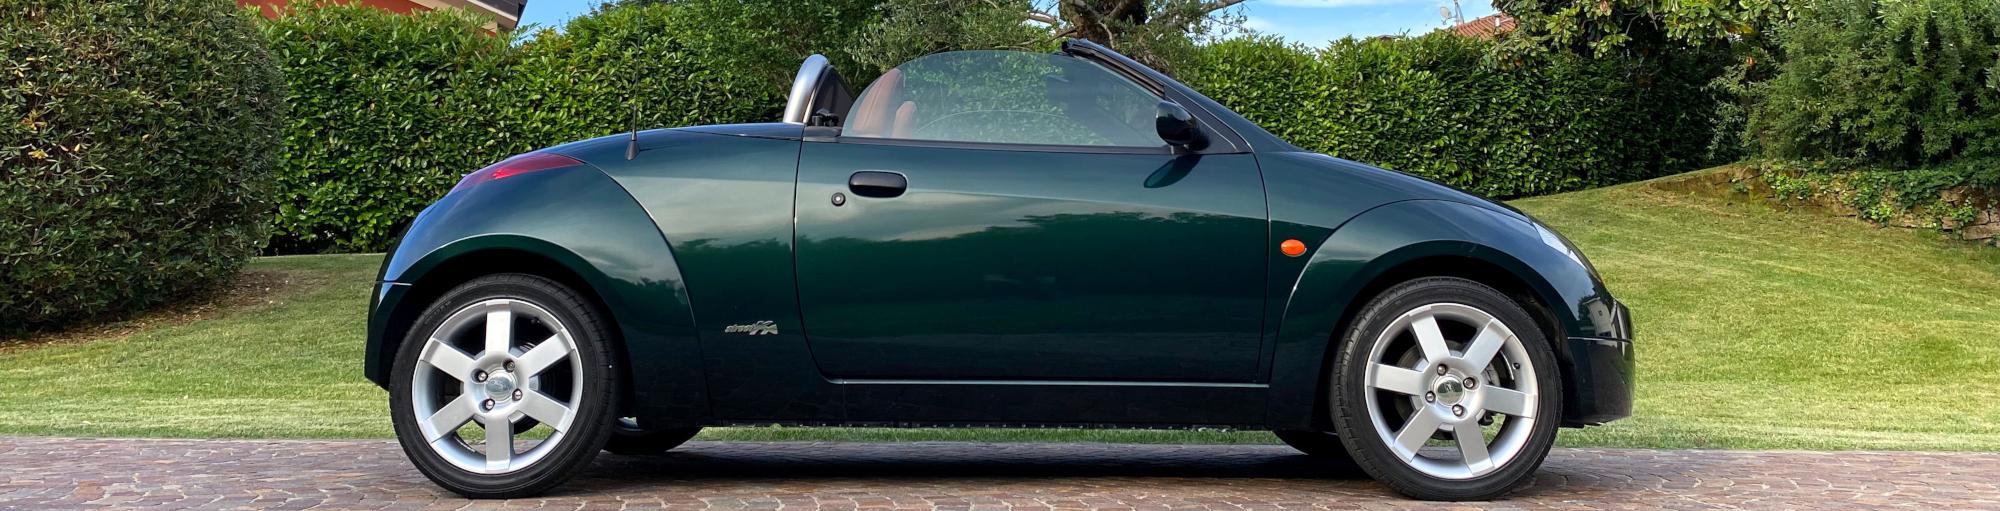 Vista laterale Ford Ka cabrio- Ford Streetka - Passione Classica